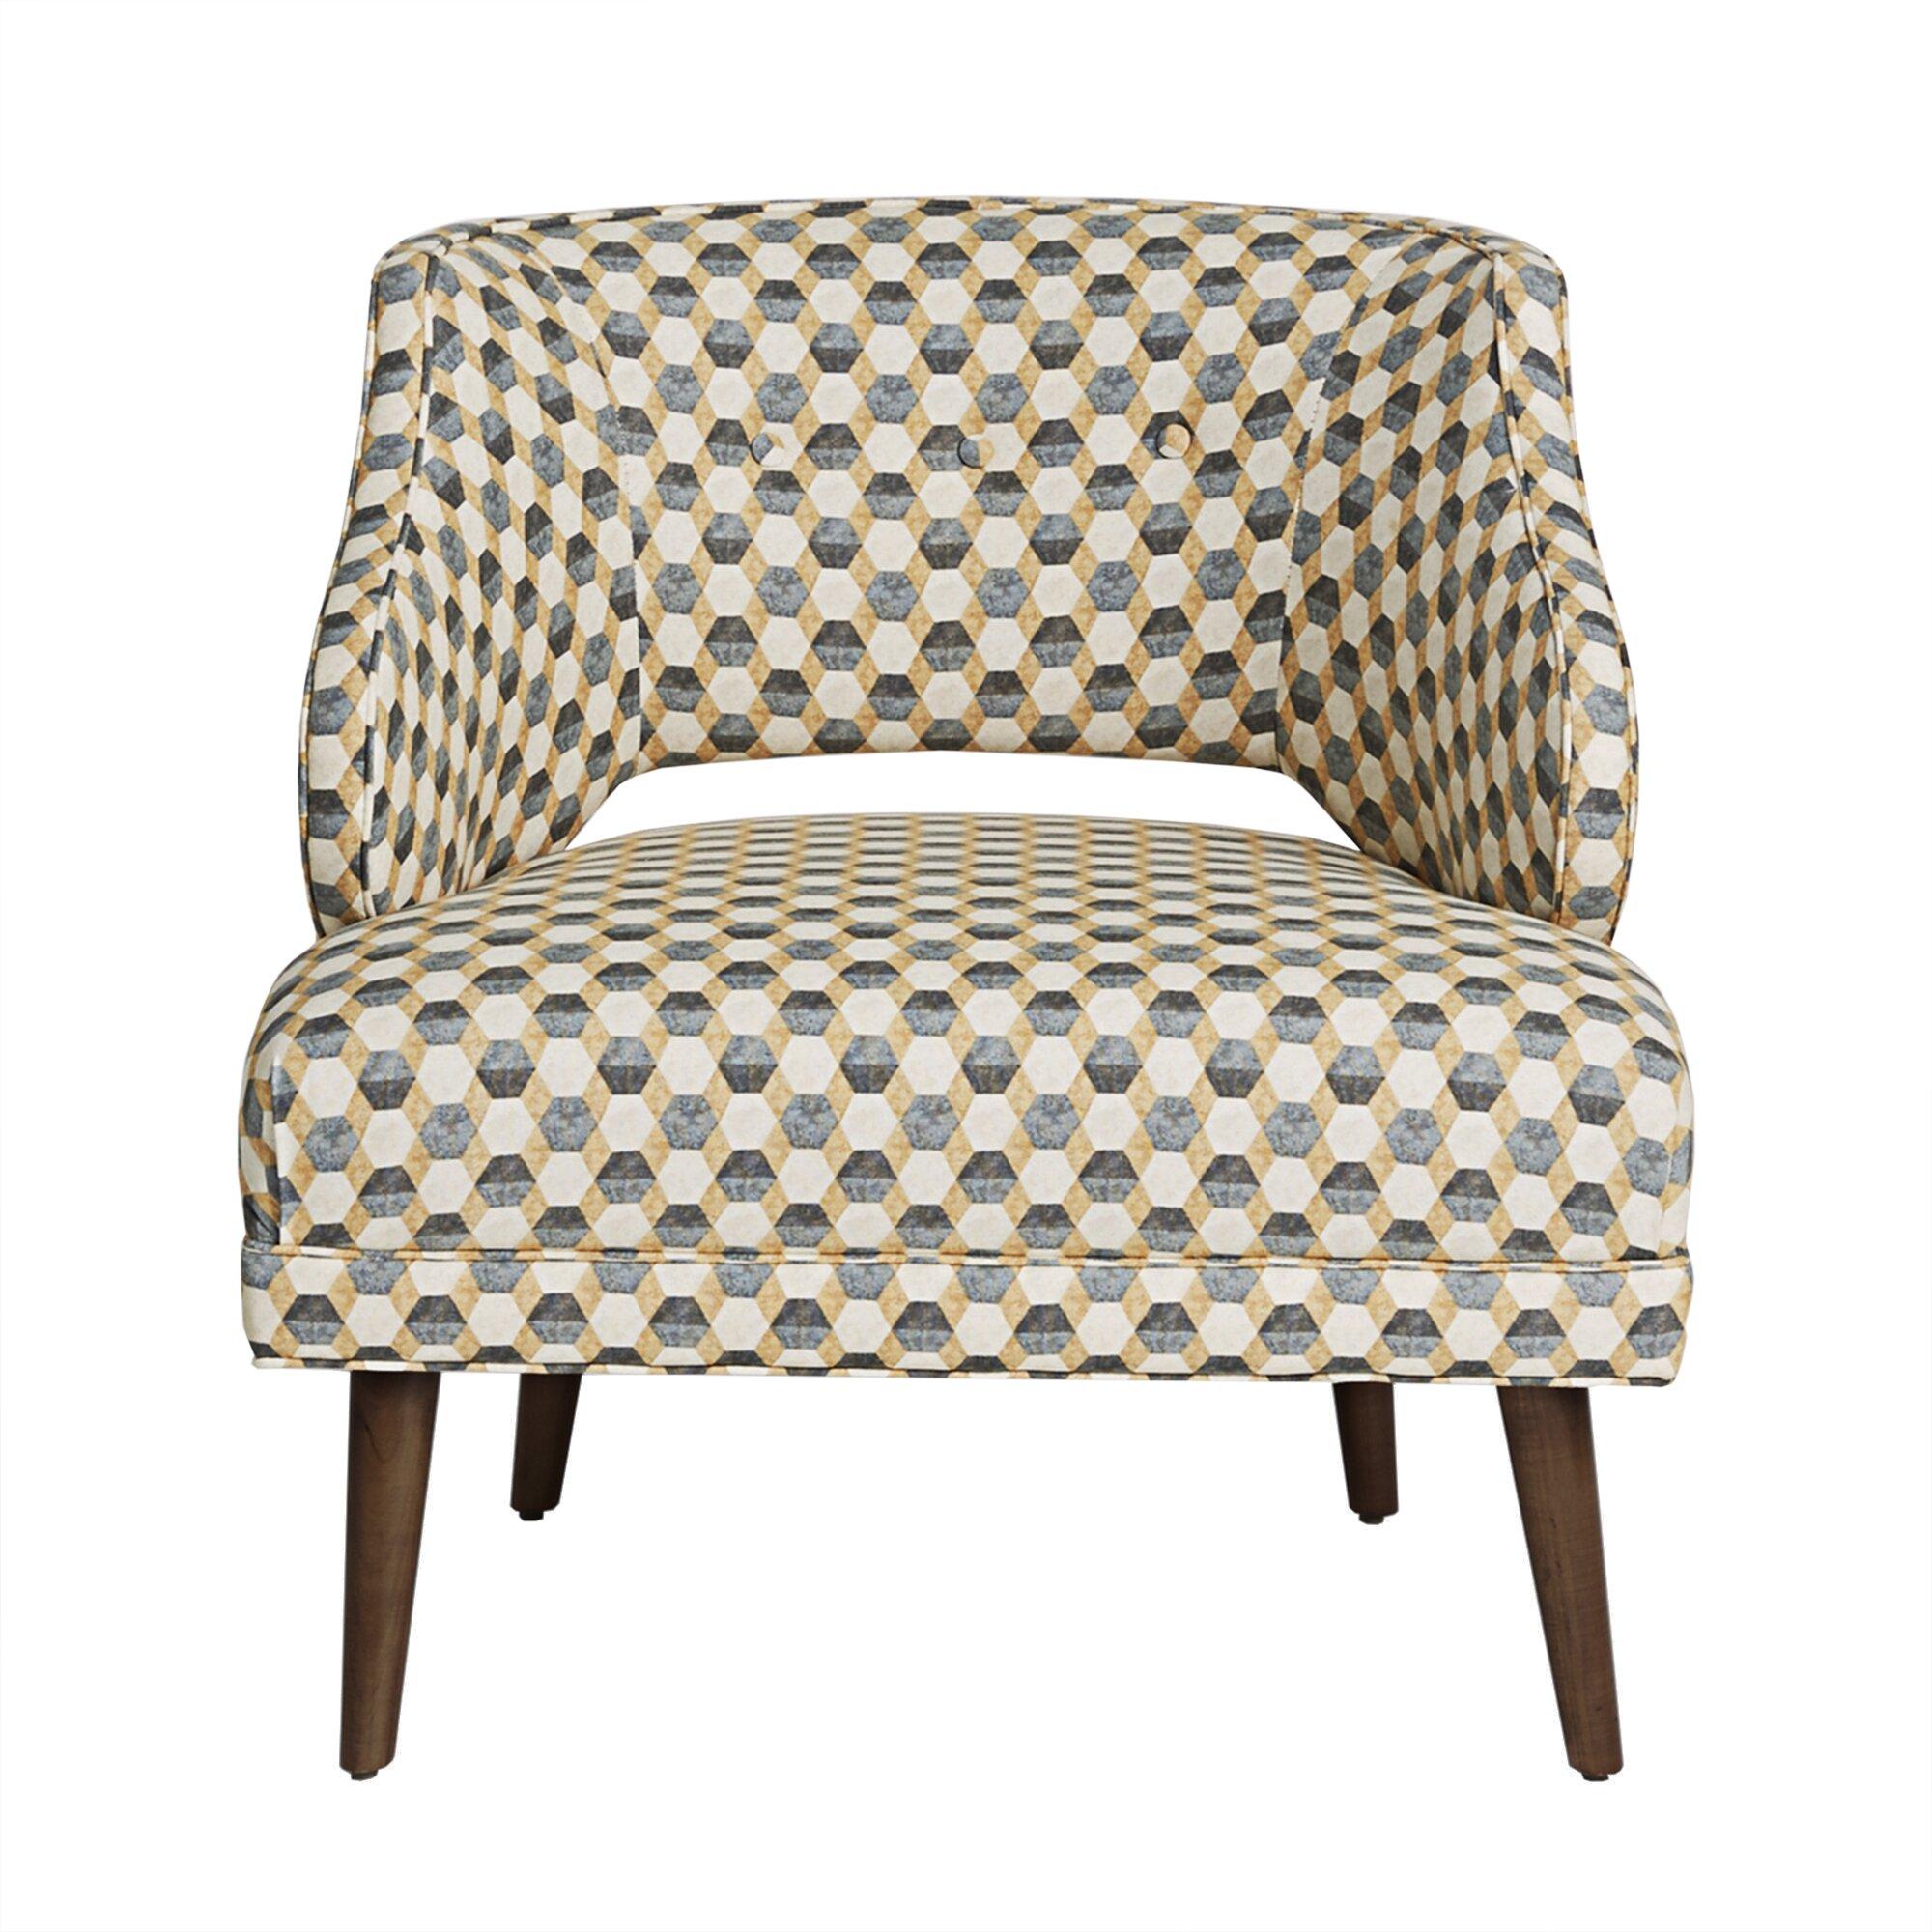 dwellstudio mallory chair dwellstudio